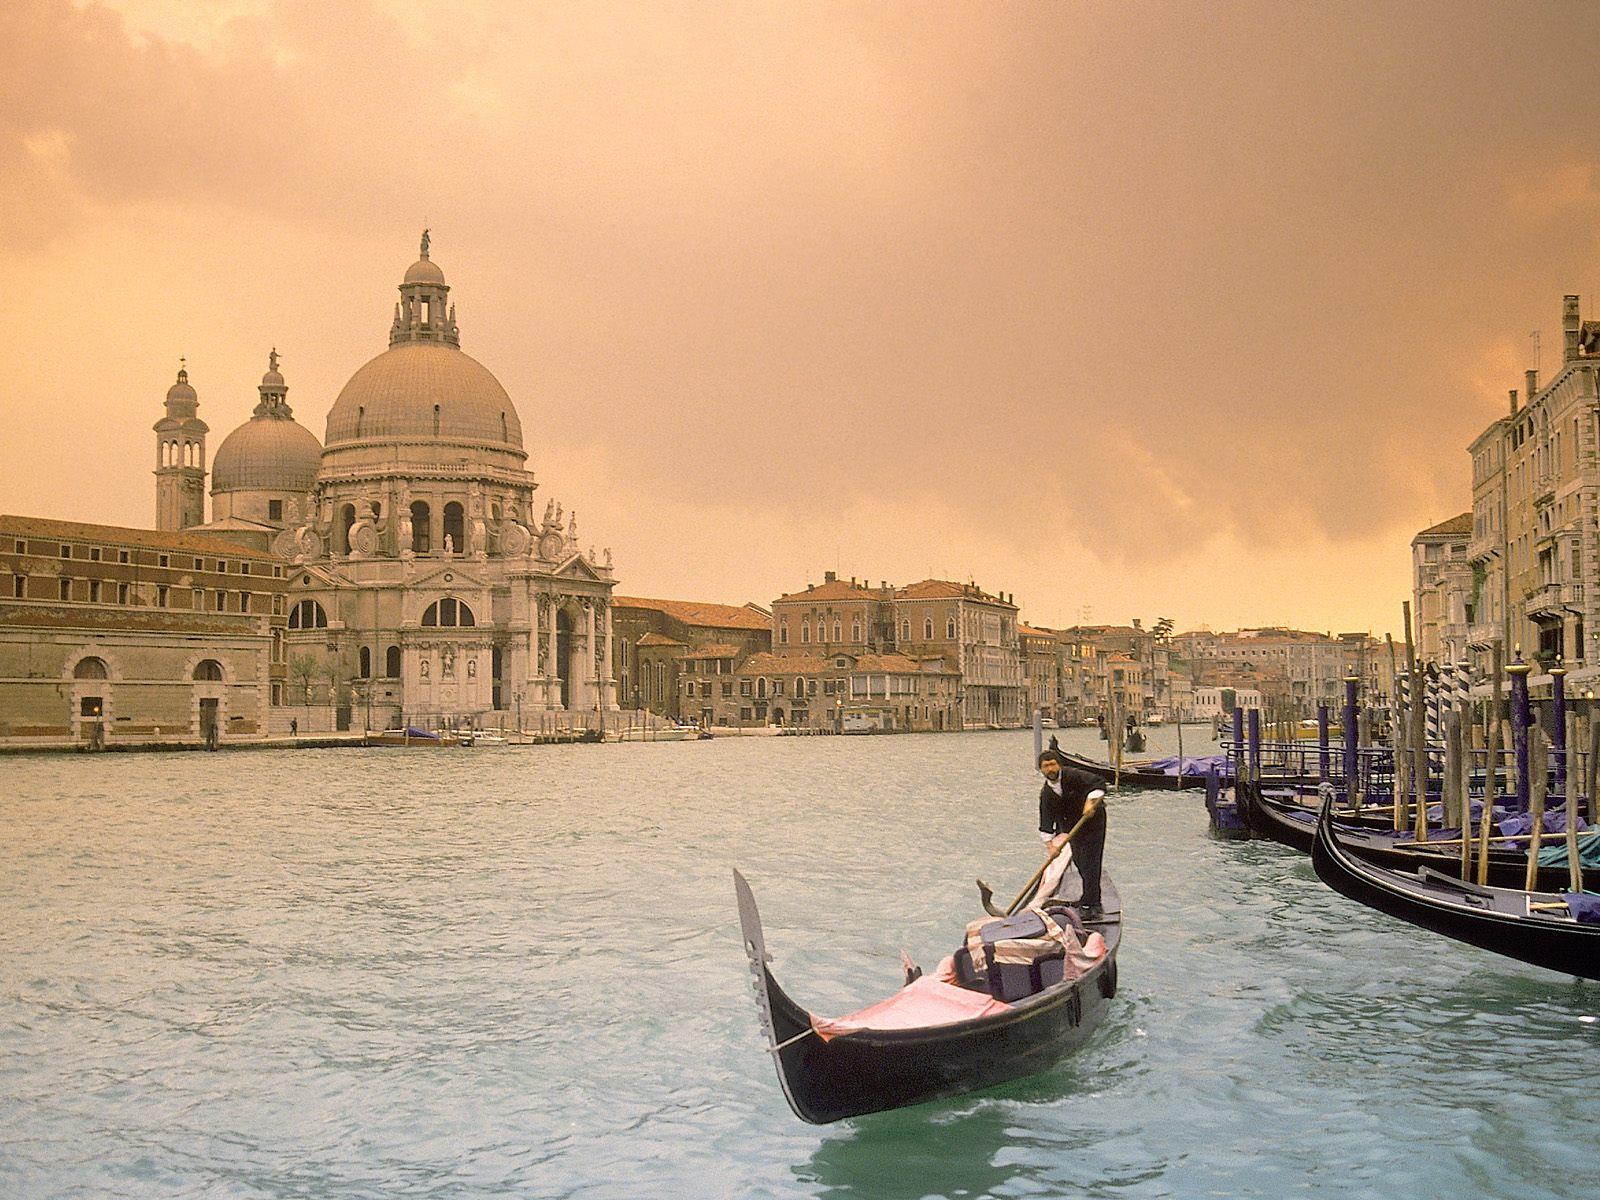 http://3.bp.blogspot.com/-Yyl5ze4-lt4/Tcp4pv2xLuI/AAAAAAAACX8/T_CwMb1fZcc/s1600/Sunset+Over+Grand+Canal%252C+Venice%252C+Italy.jpg